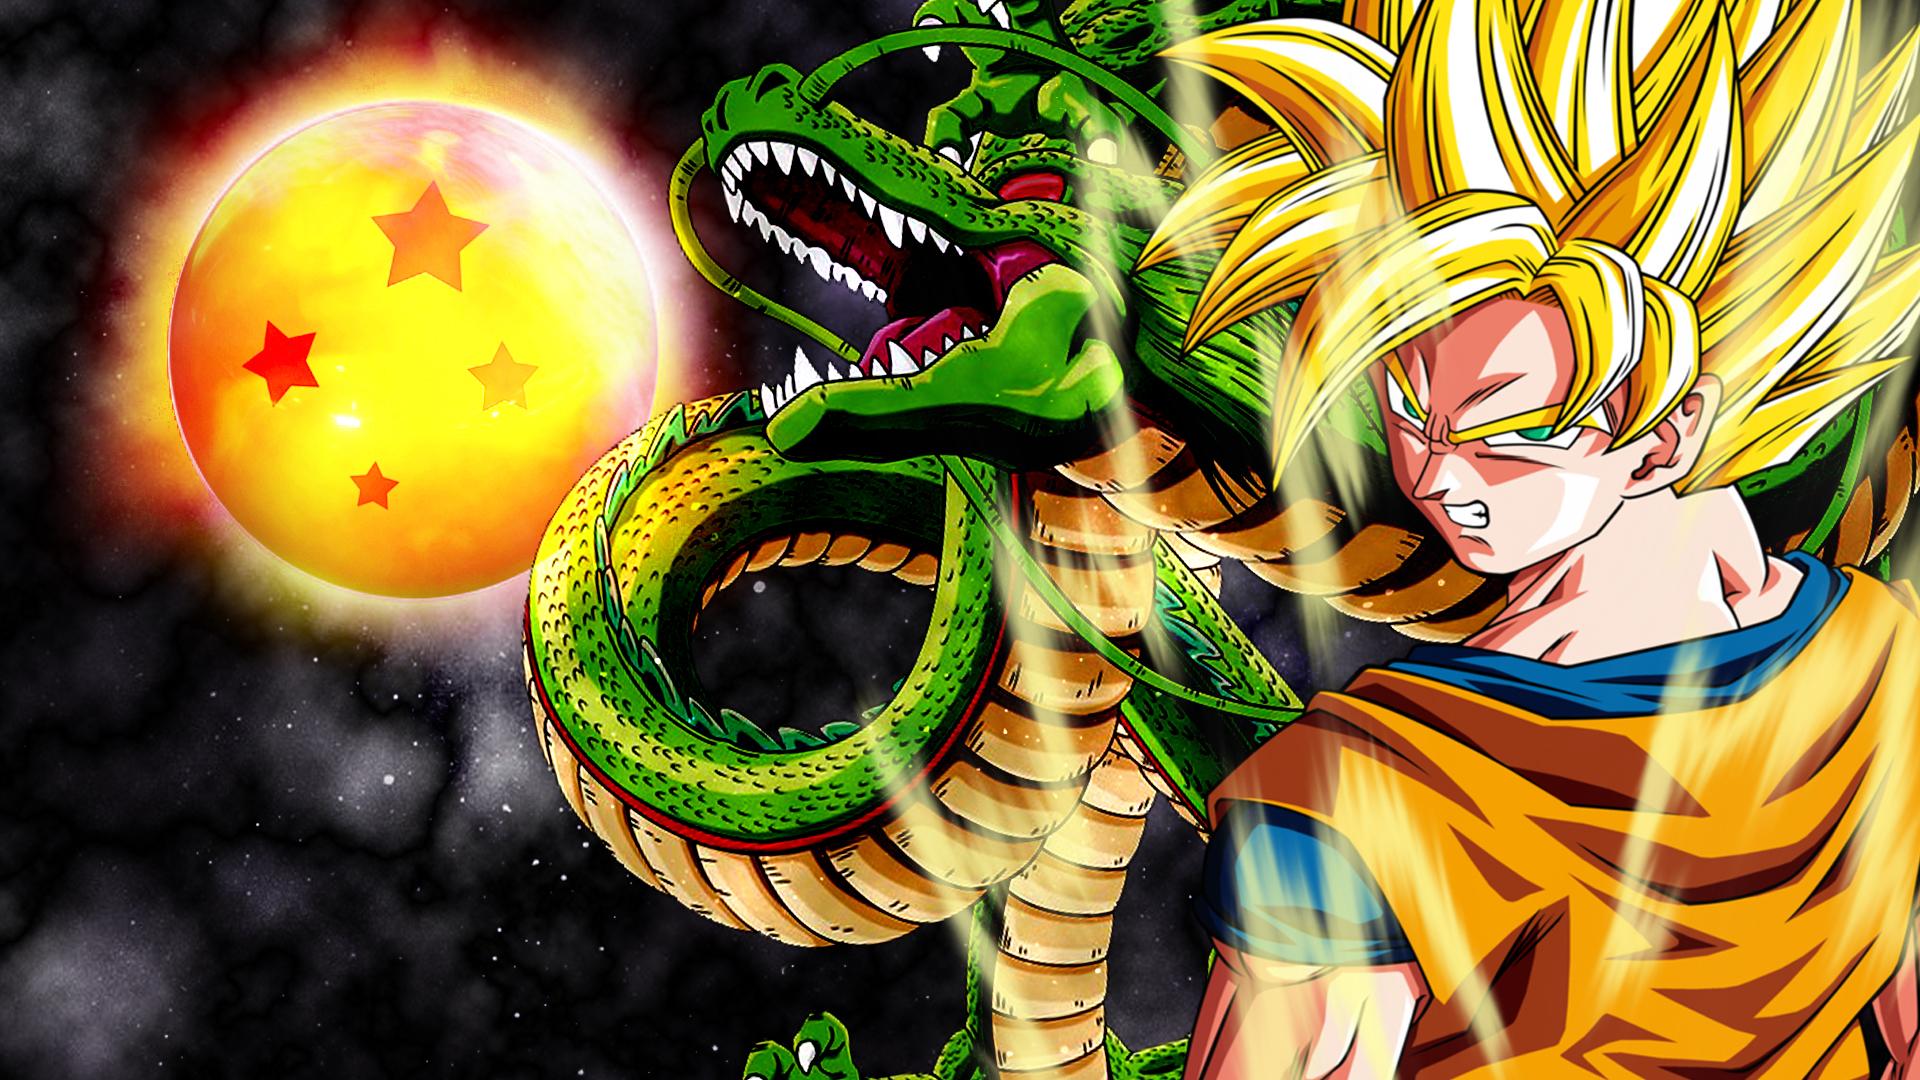 Dragon Ball Goku Wallpapers Group (91+)